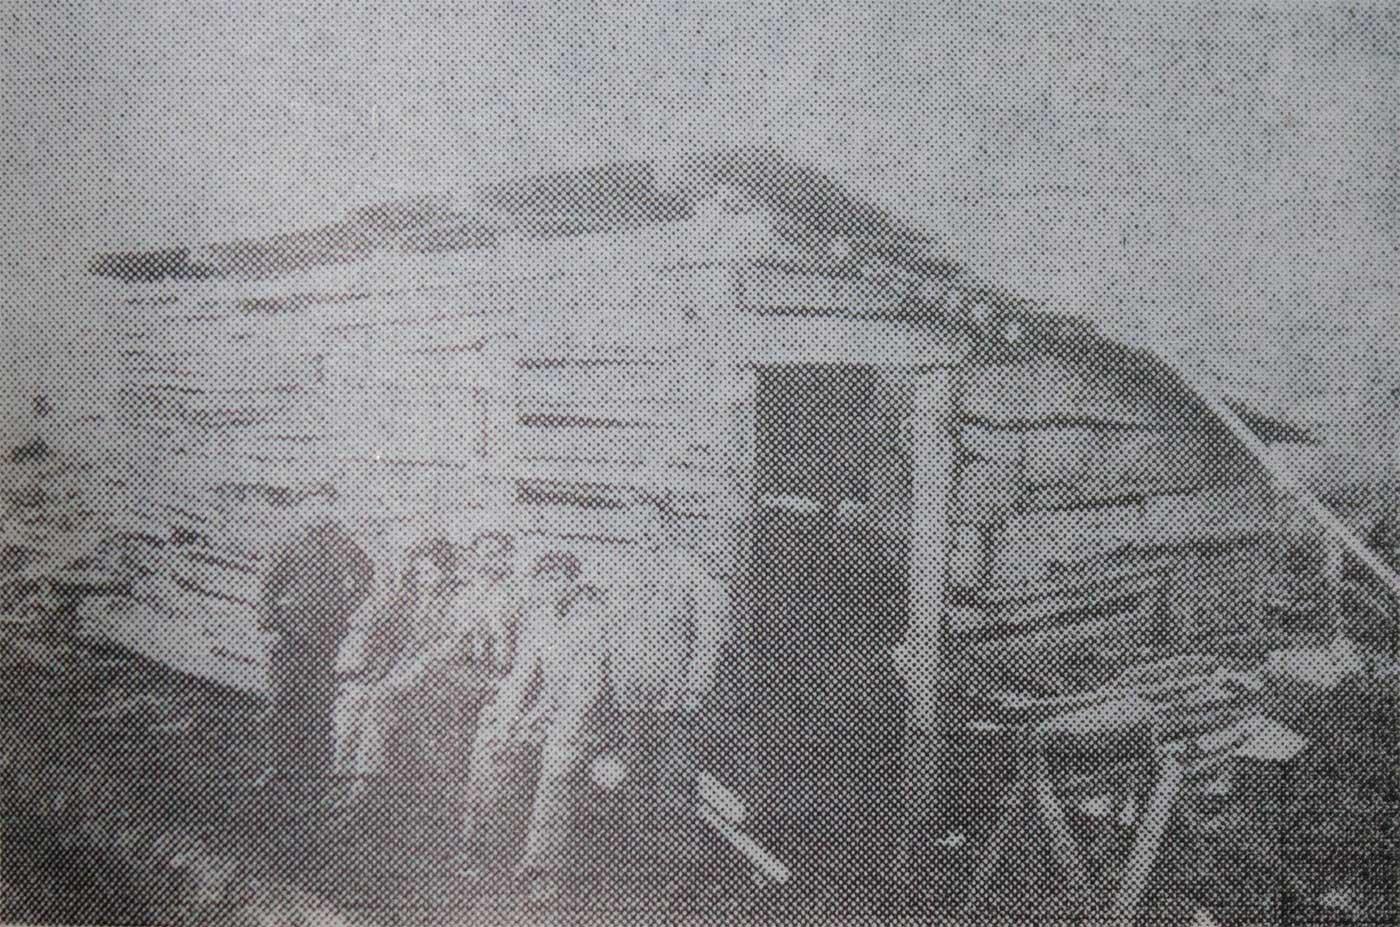 История на корабостроителницата на Странджанския районен горски кооперативен съюз – Царево